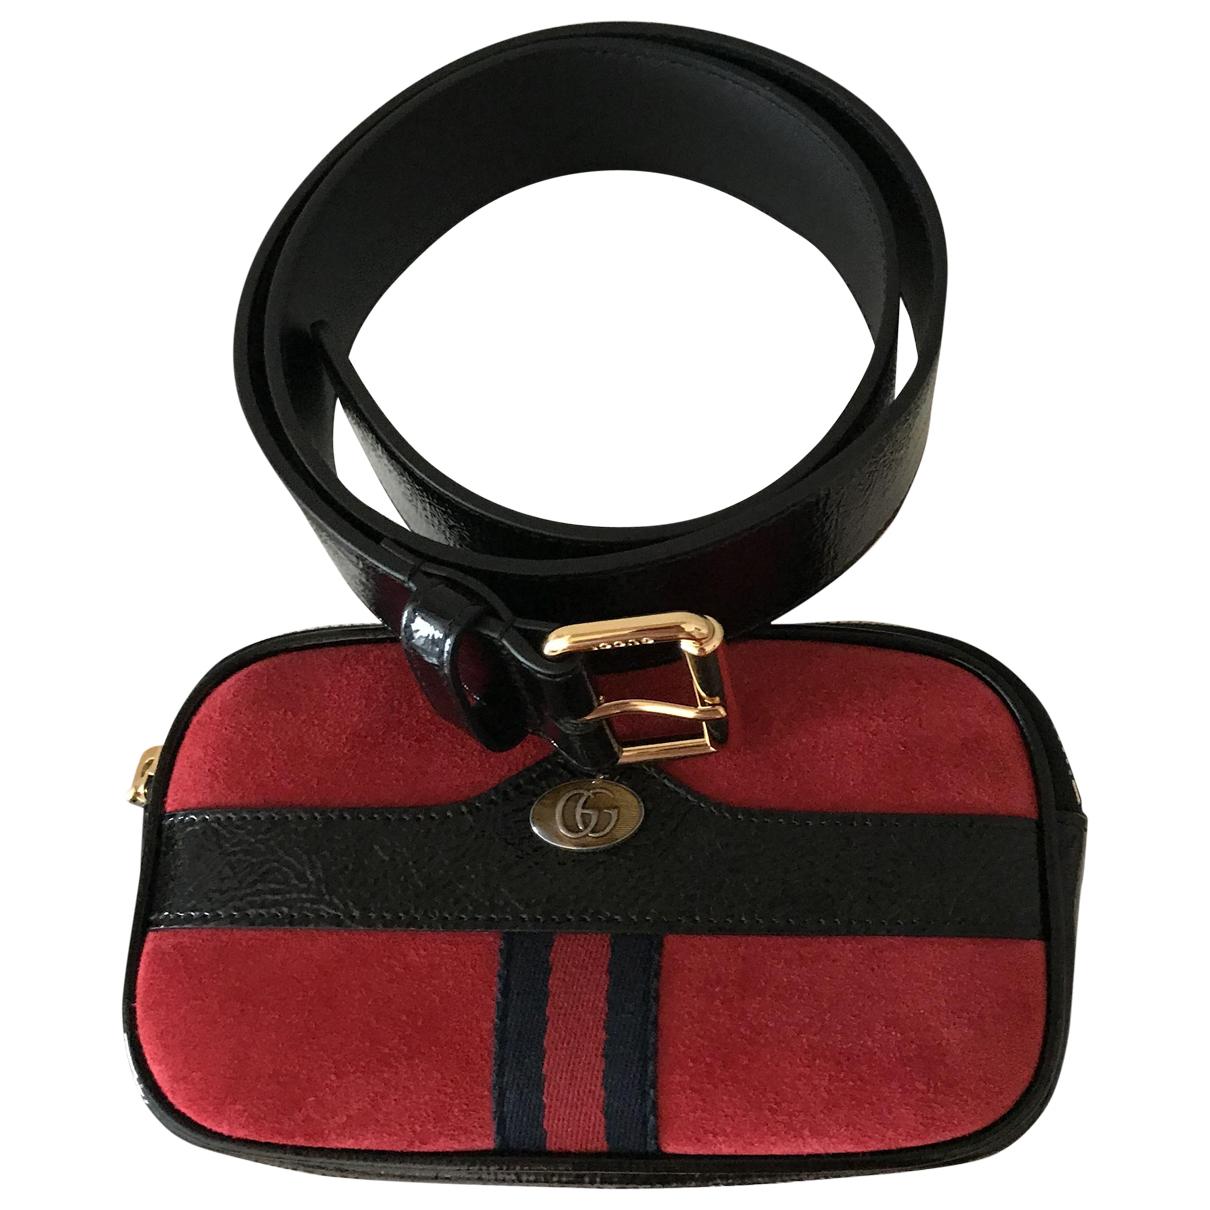 Bolsos clutch Ophidia en Ante Rojo Gucci